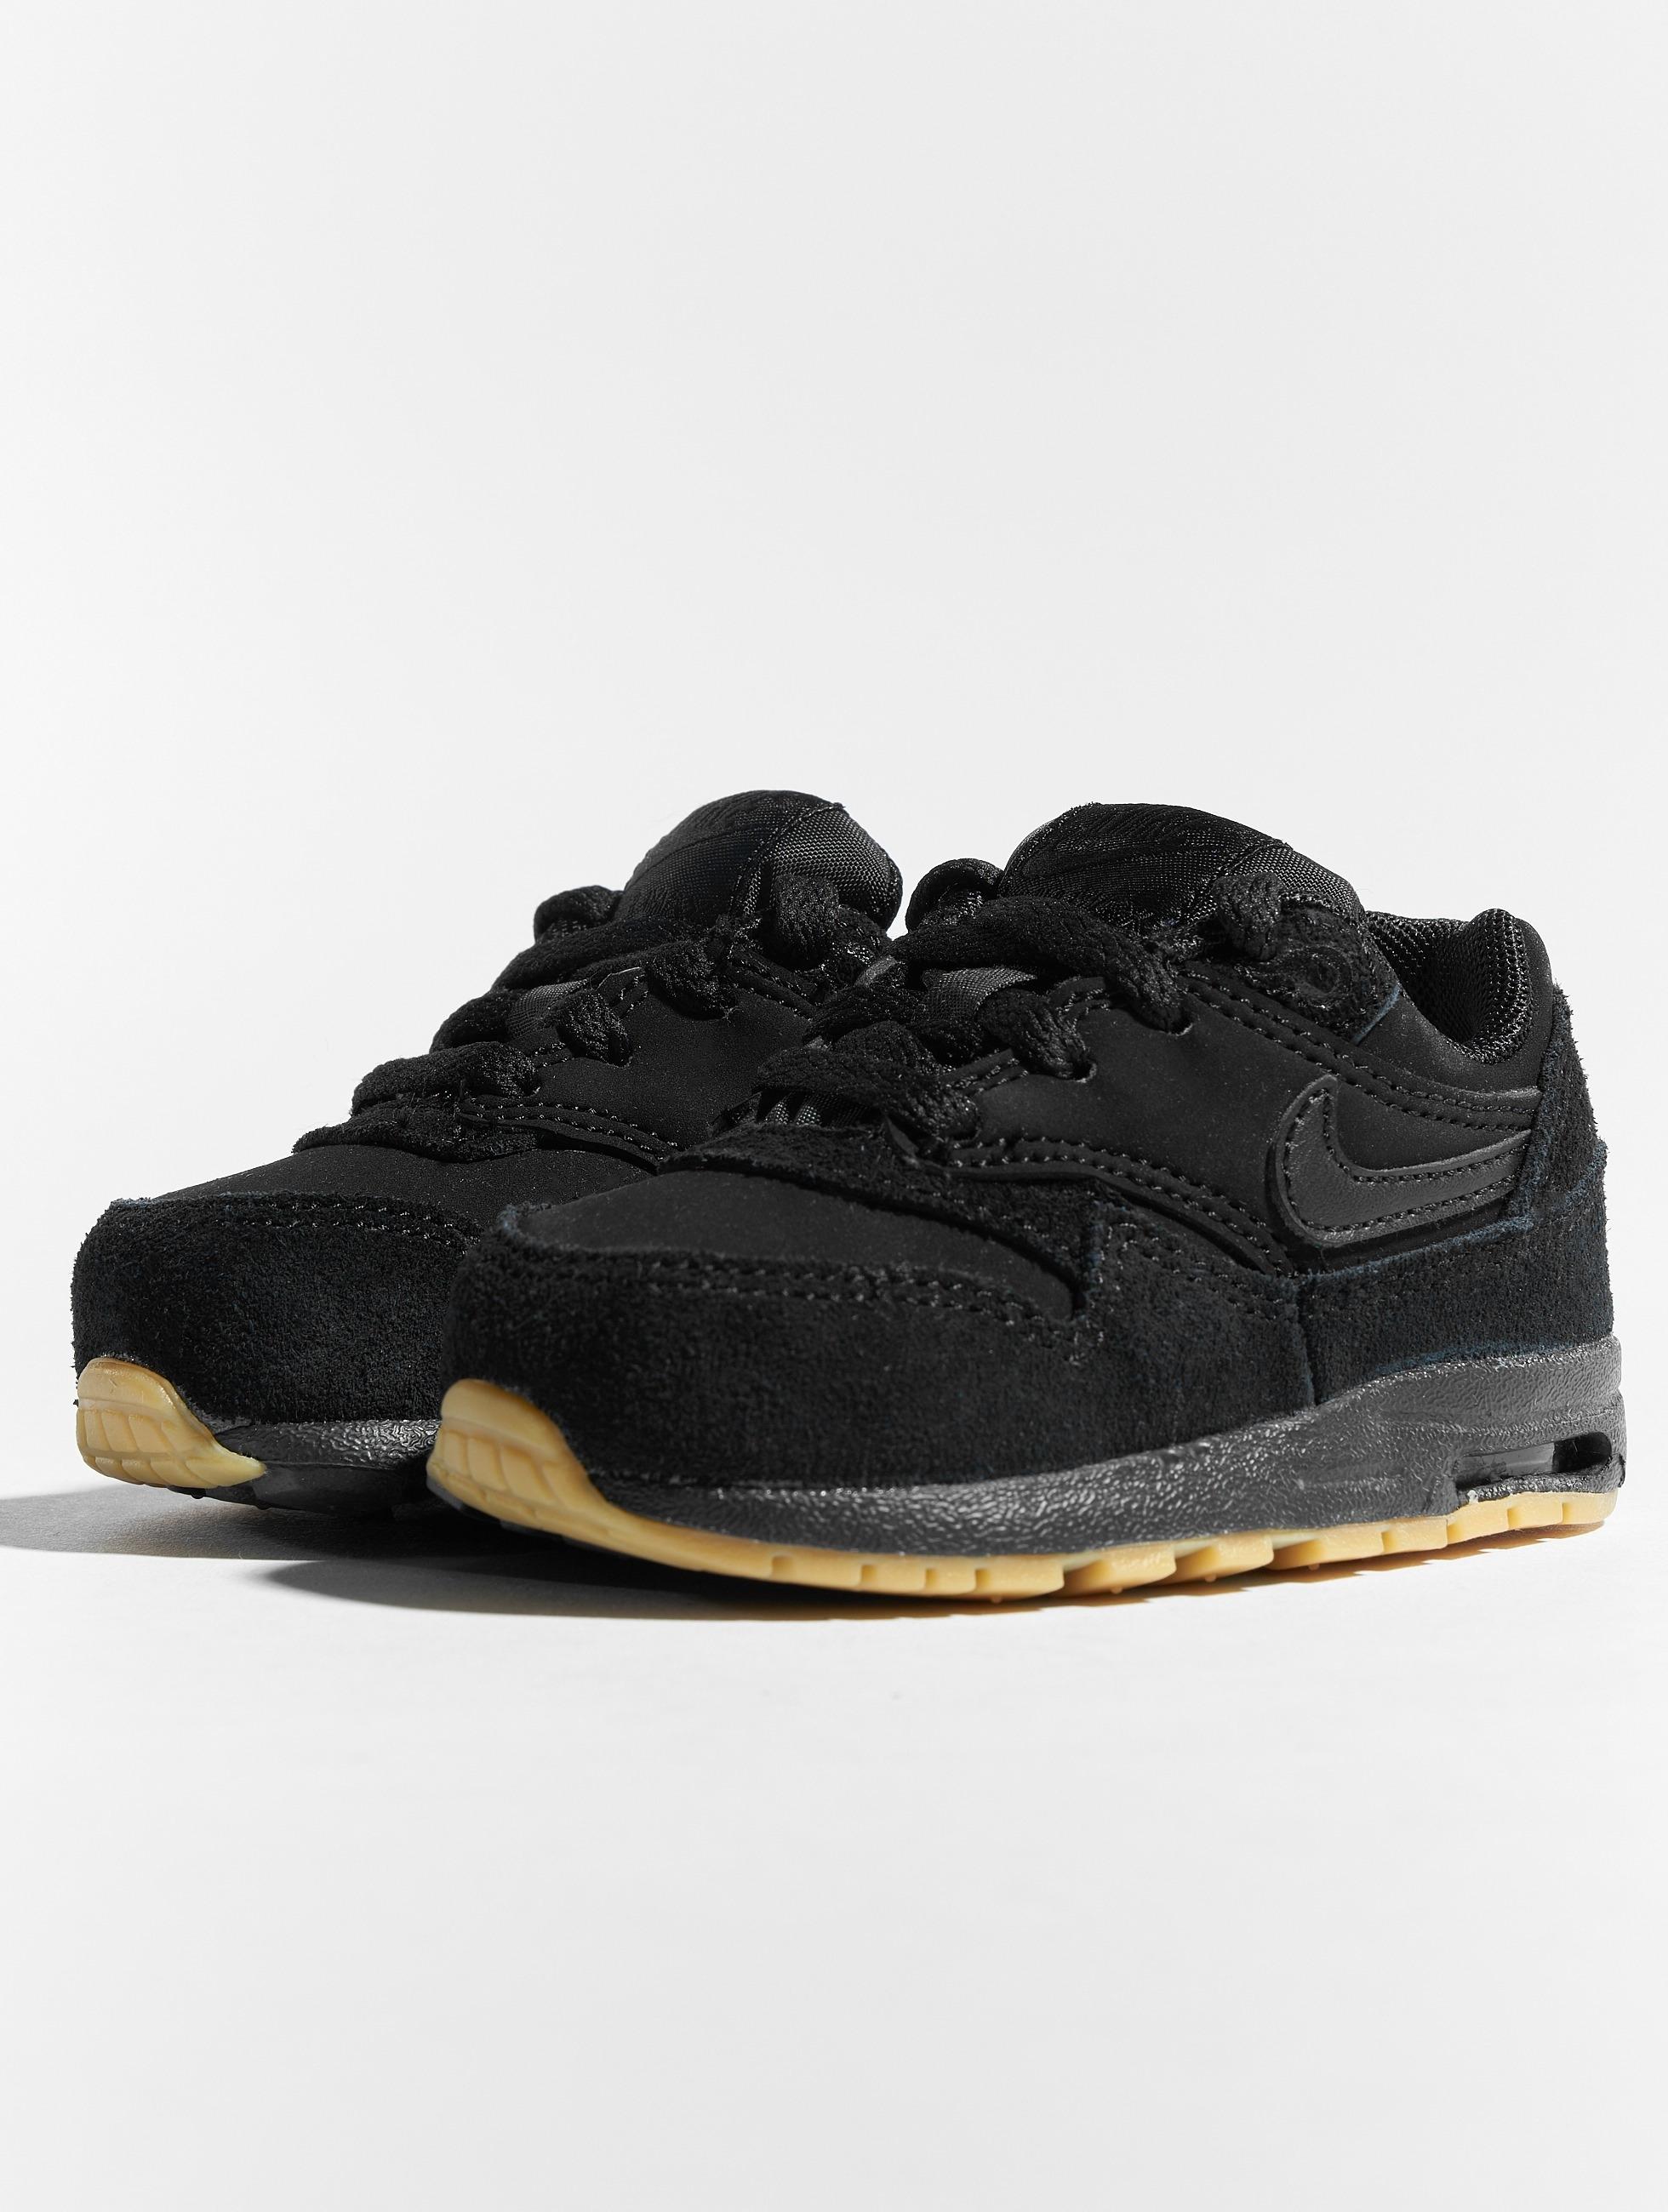 Herrenschuhe Blackblack Black Nike Nike Air Max 2017 Textil